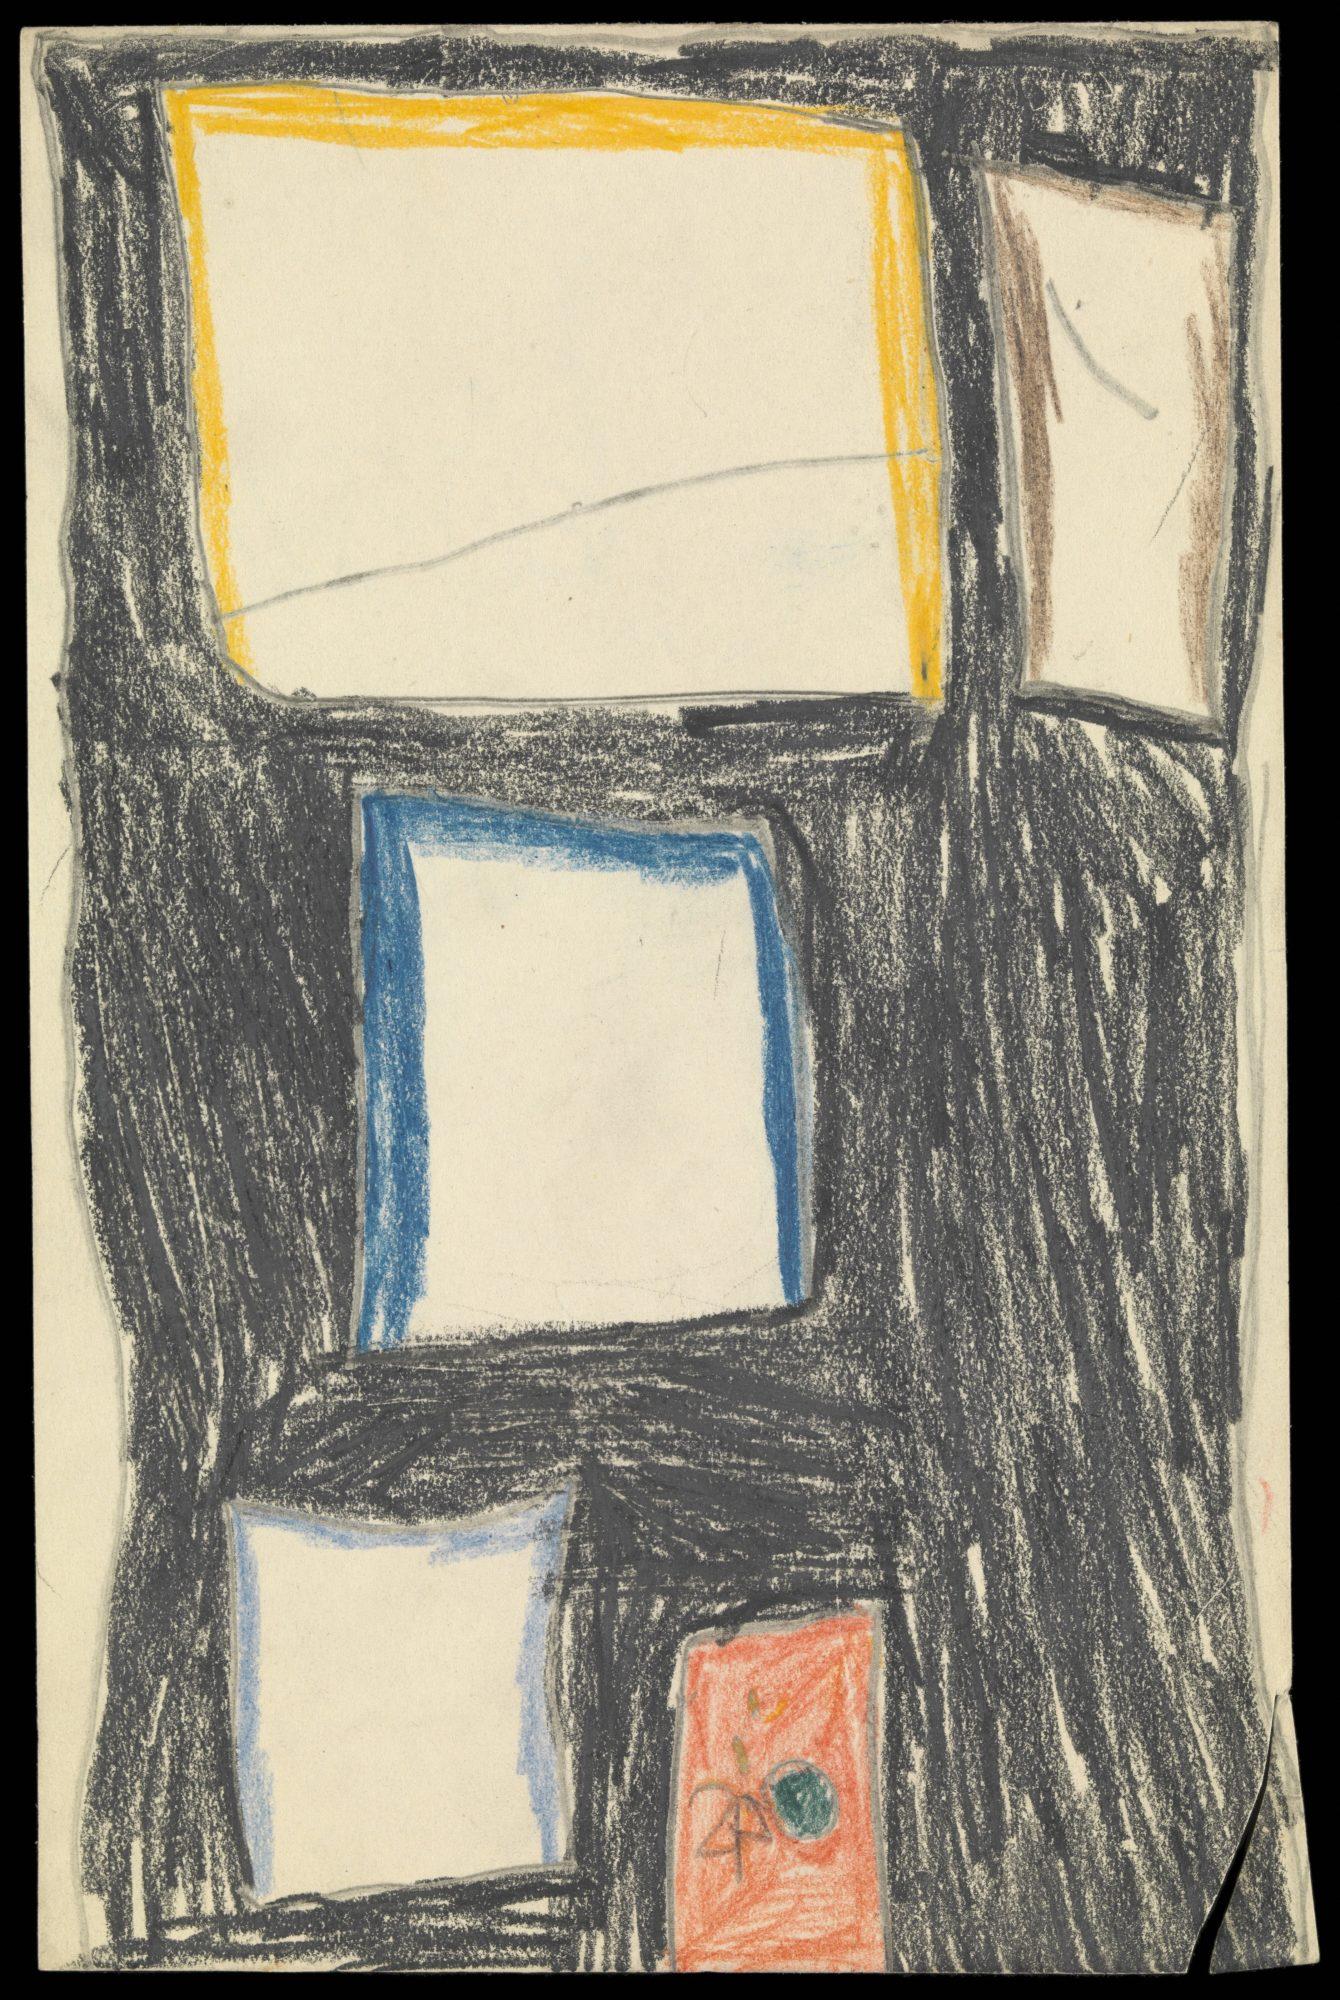 Dibujo de una casa hecho por uno de los niños pacientes de Klein